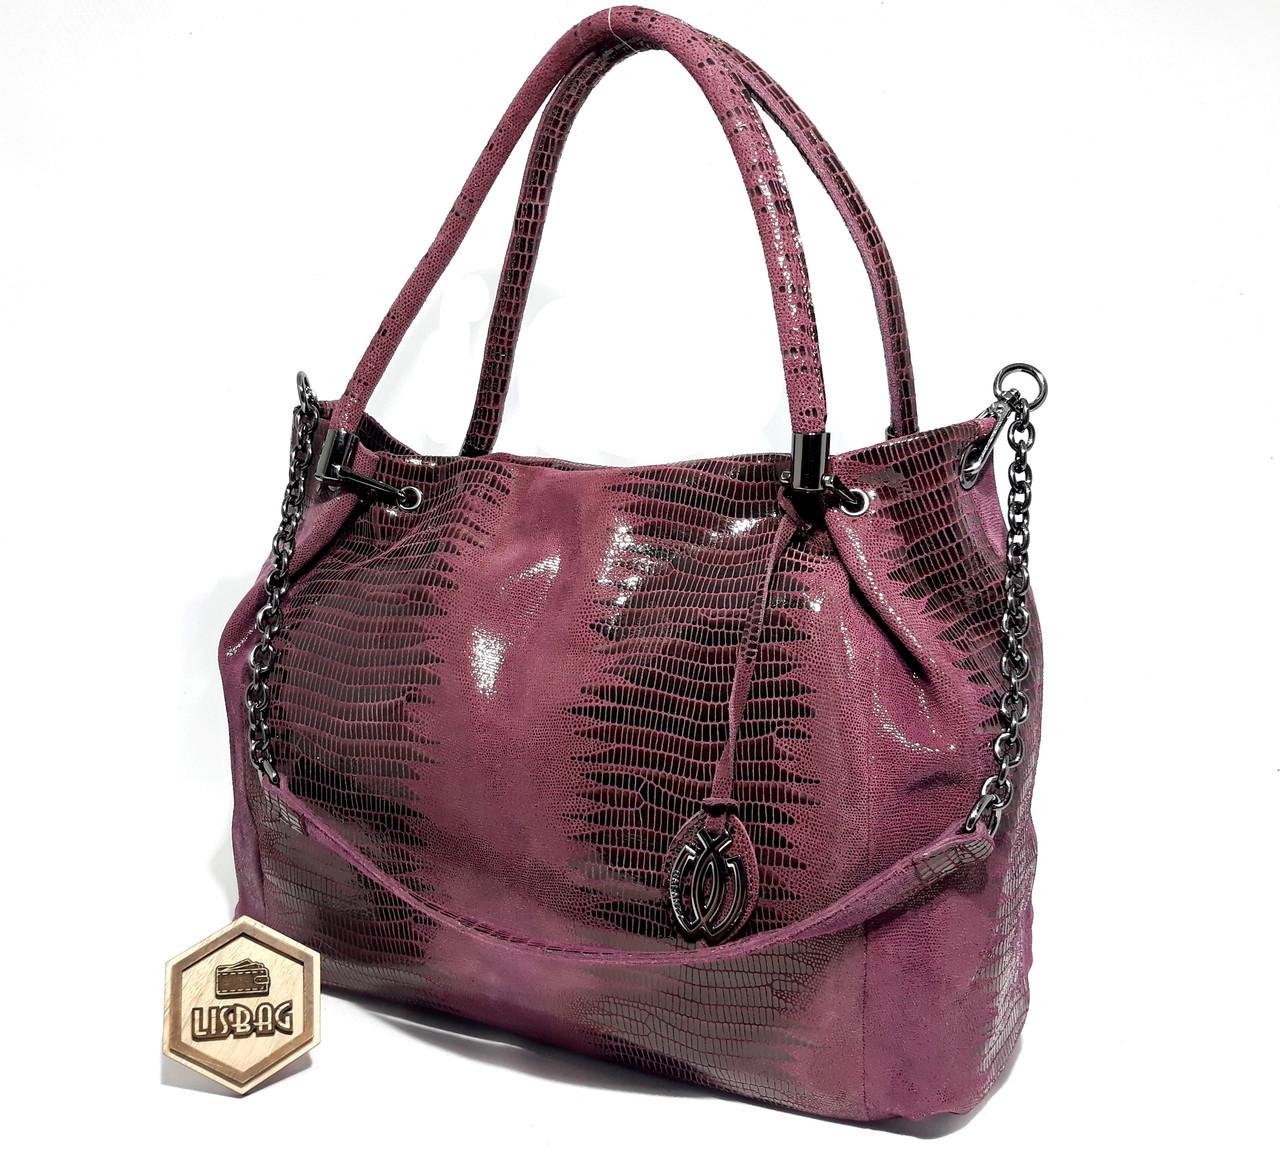 Женская сумка из натурального замша модель 2018 года Galanty ... 5f560be9648